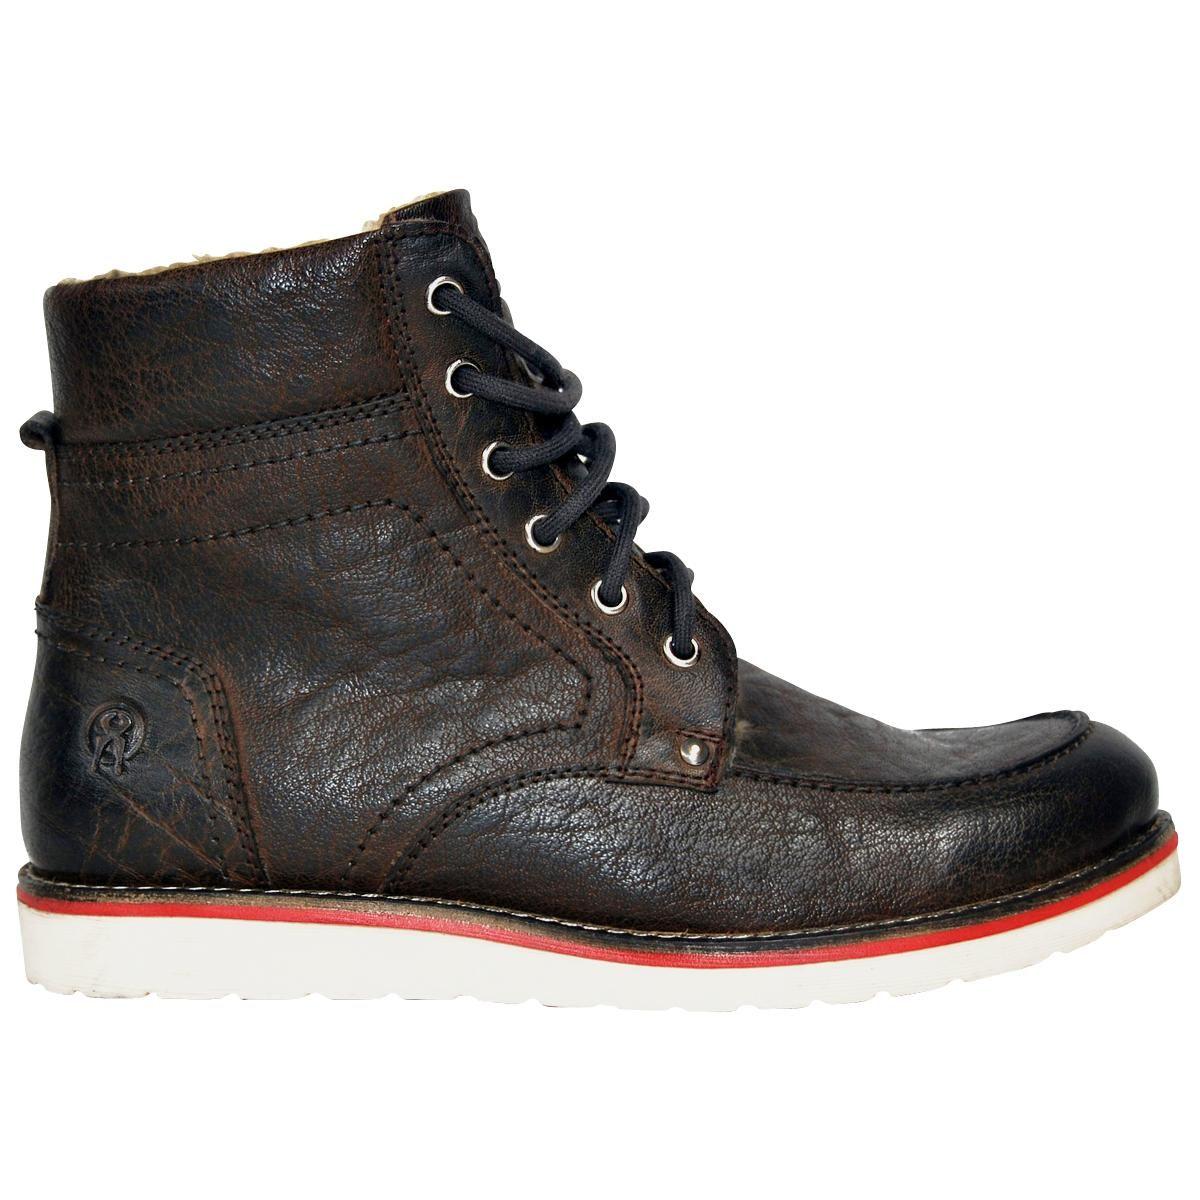 """#Stivaletti invernali """"Winter Workboot"""" del brand #JesseJames color nero/marrone 100% pelle con calda fodera. La suola è completamente imbottita per una maggior qualità e durata."""